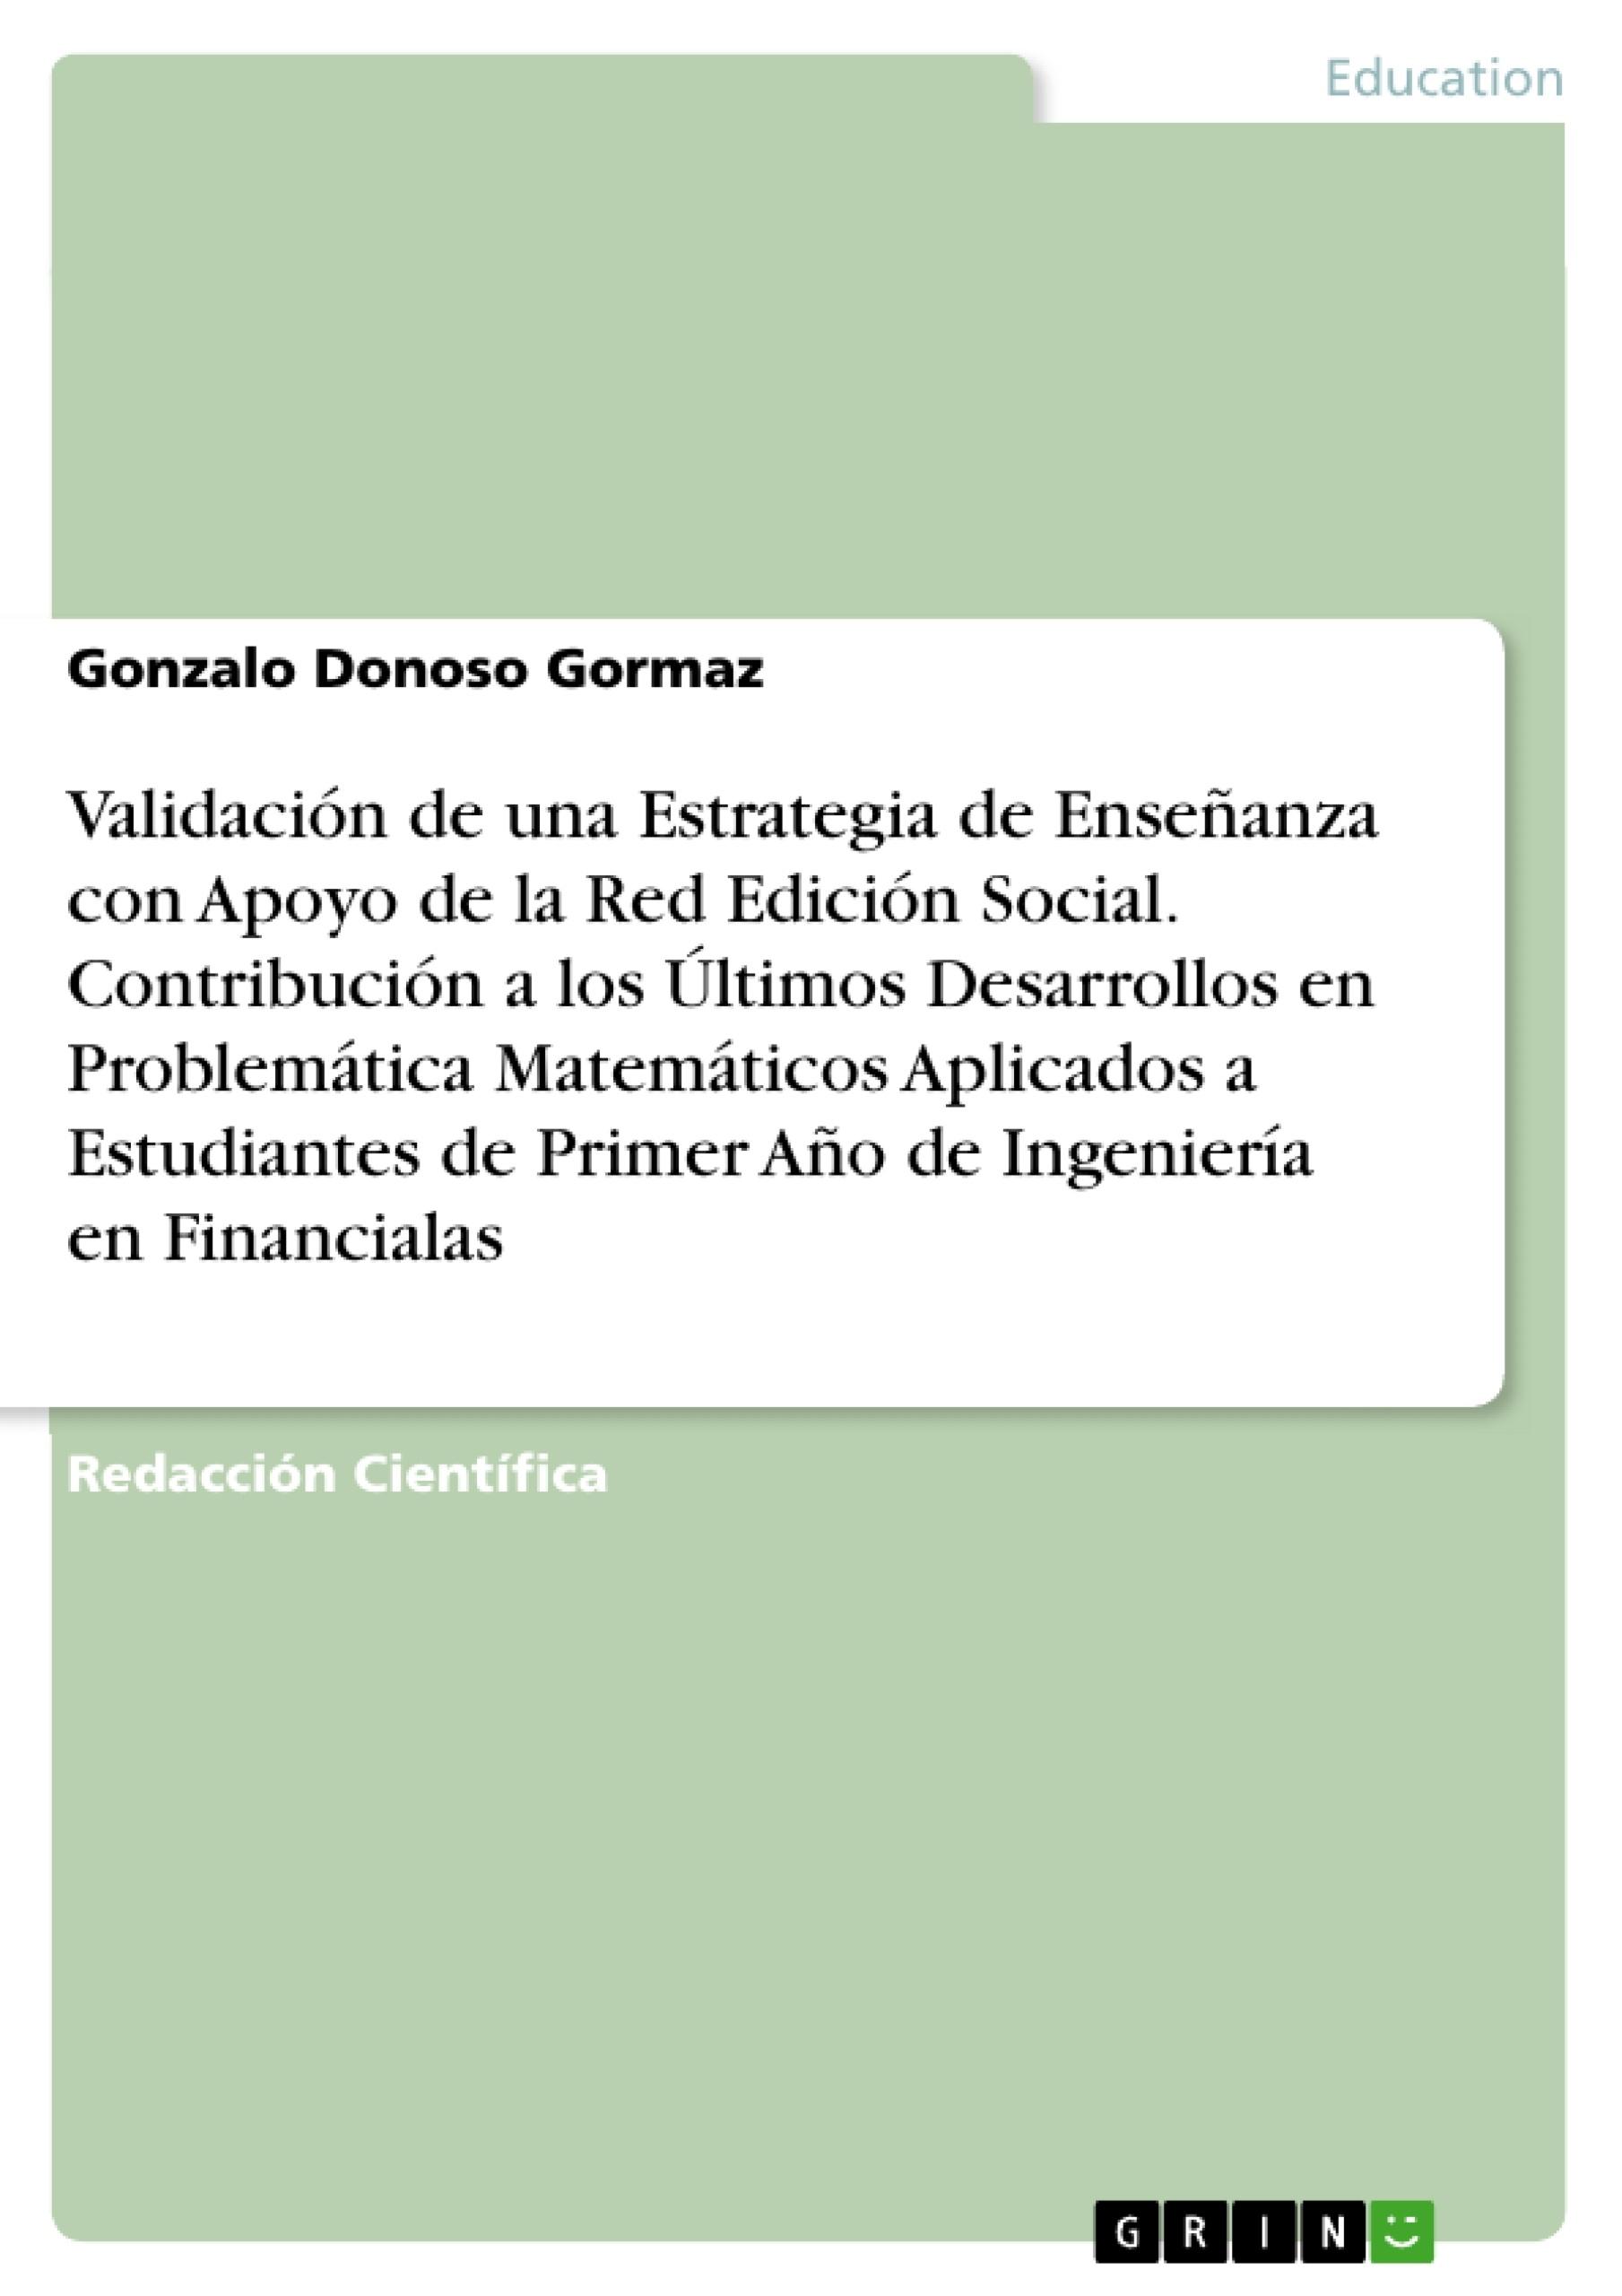 Título: Validación de una Estrategia de Enseñanza con Apoyo de la Red Edición Social. Contribución a los Últimos Desarrollos en Problemática Matemáticos Aplicados a Estudiantes de Primer Año de Ingeniería en Financialas